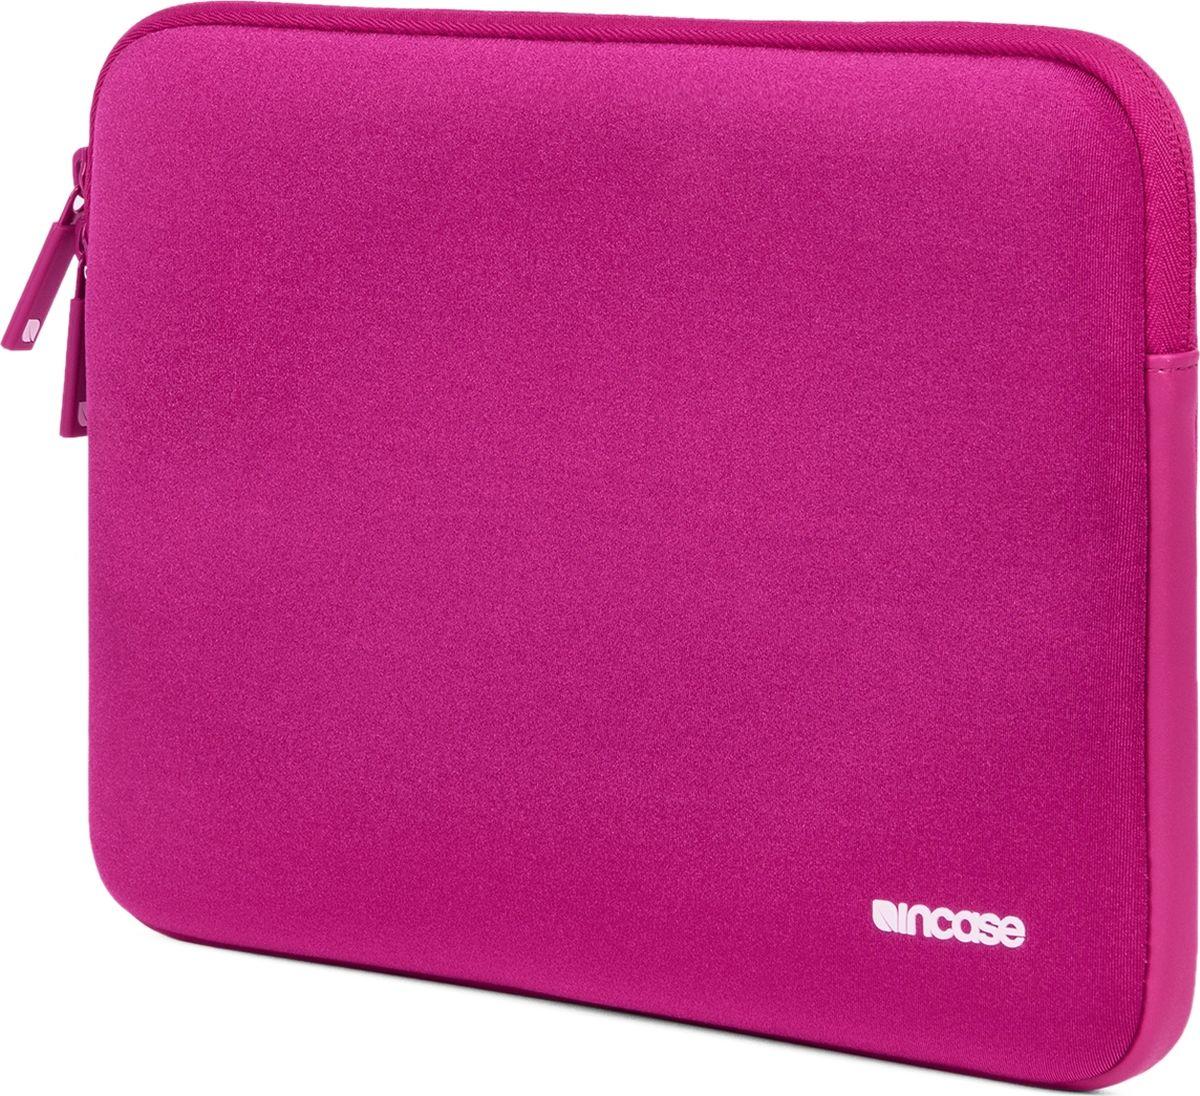 Incase Neoprene Classic Sleeve чехол для Apple MacBook Air 11, Pink SapphireCL60668Тонкий чехол Incase Neoprene Classic Sleeve для Apple MacBook Air 11 выполнен из неопрена в элегантном строгом дизайне. Чехол надежно защищает устройство от царапин, не пропускает влагу и оснащен мягкой подкладкой, а также удобной застежкой-молнией.